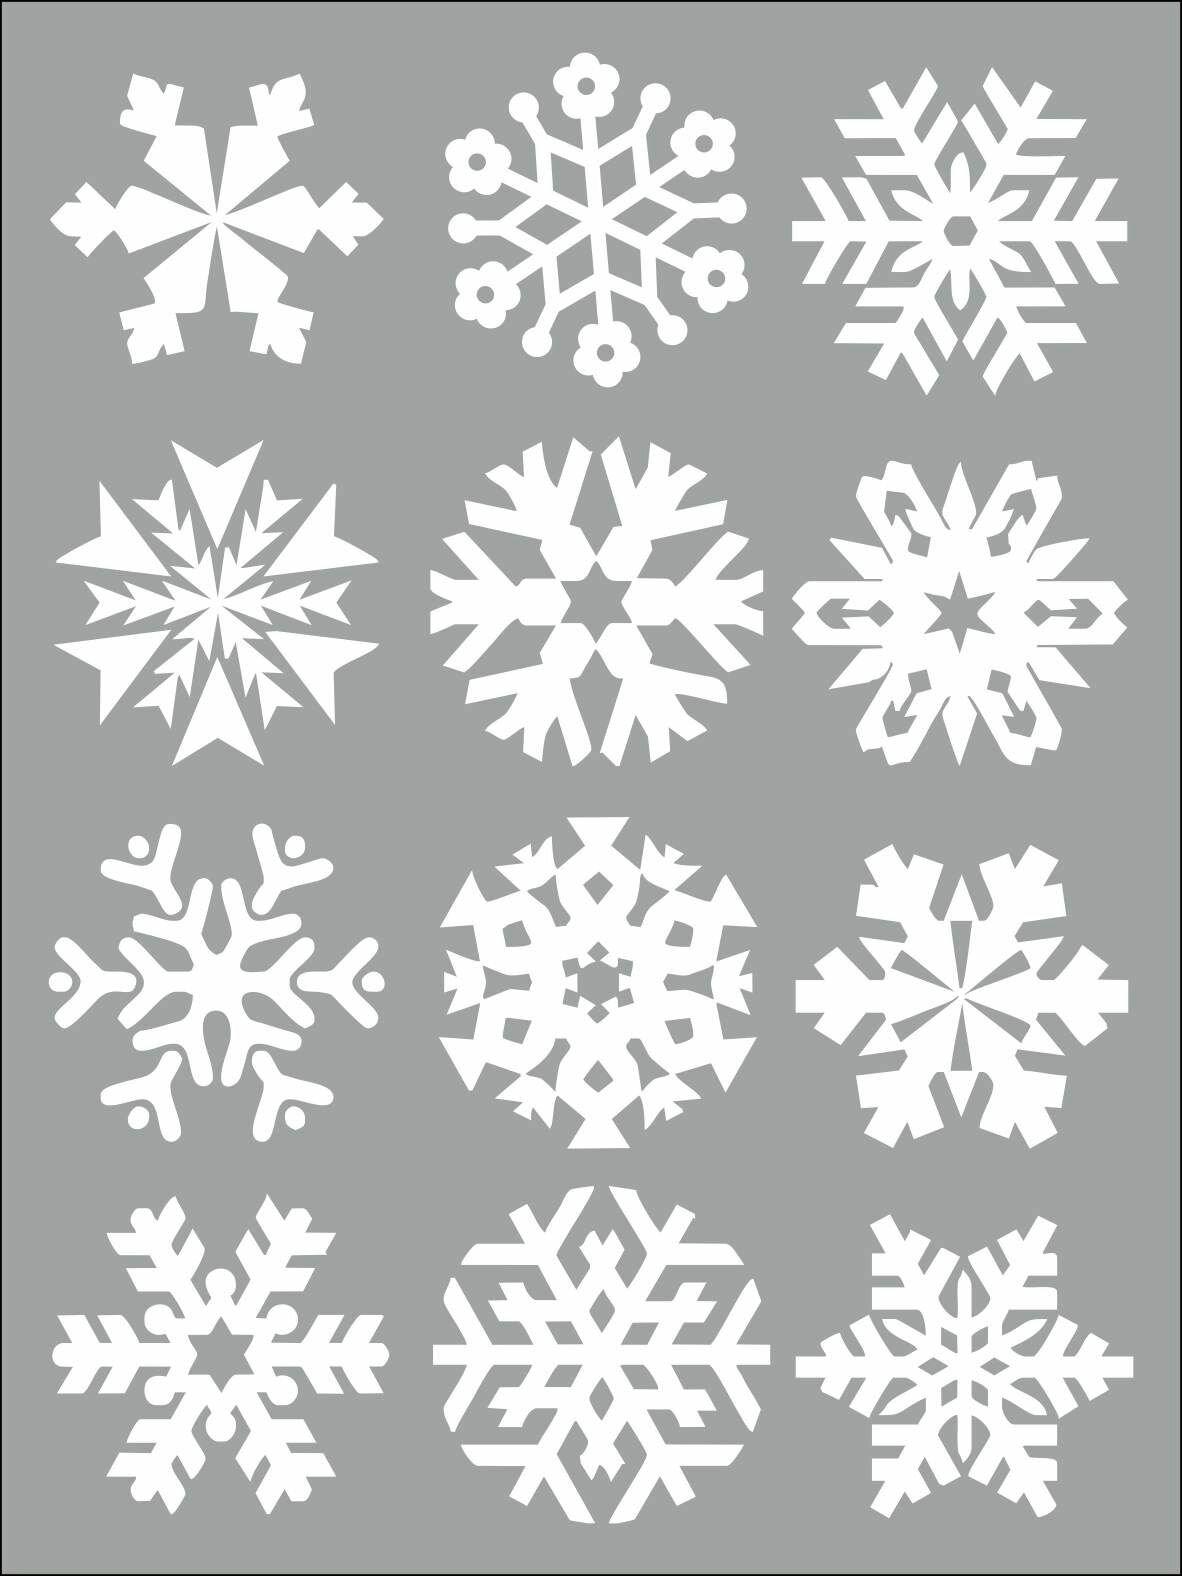 трафареты на снежинки все картинки может сказать что